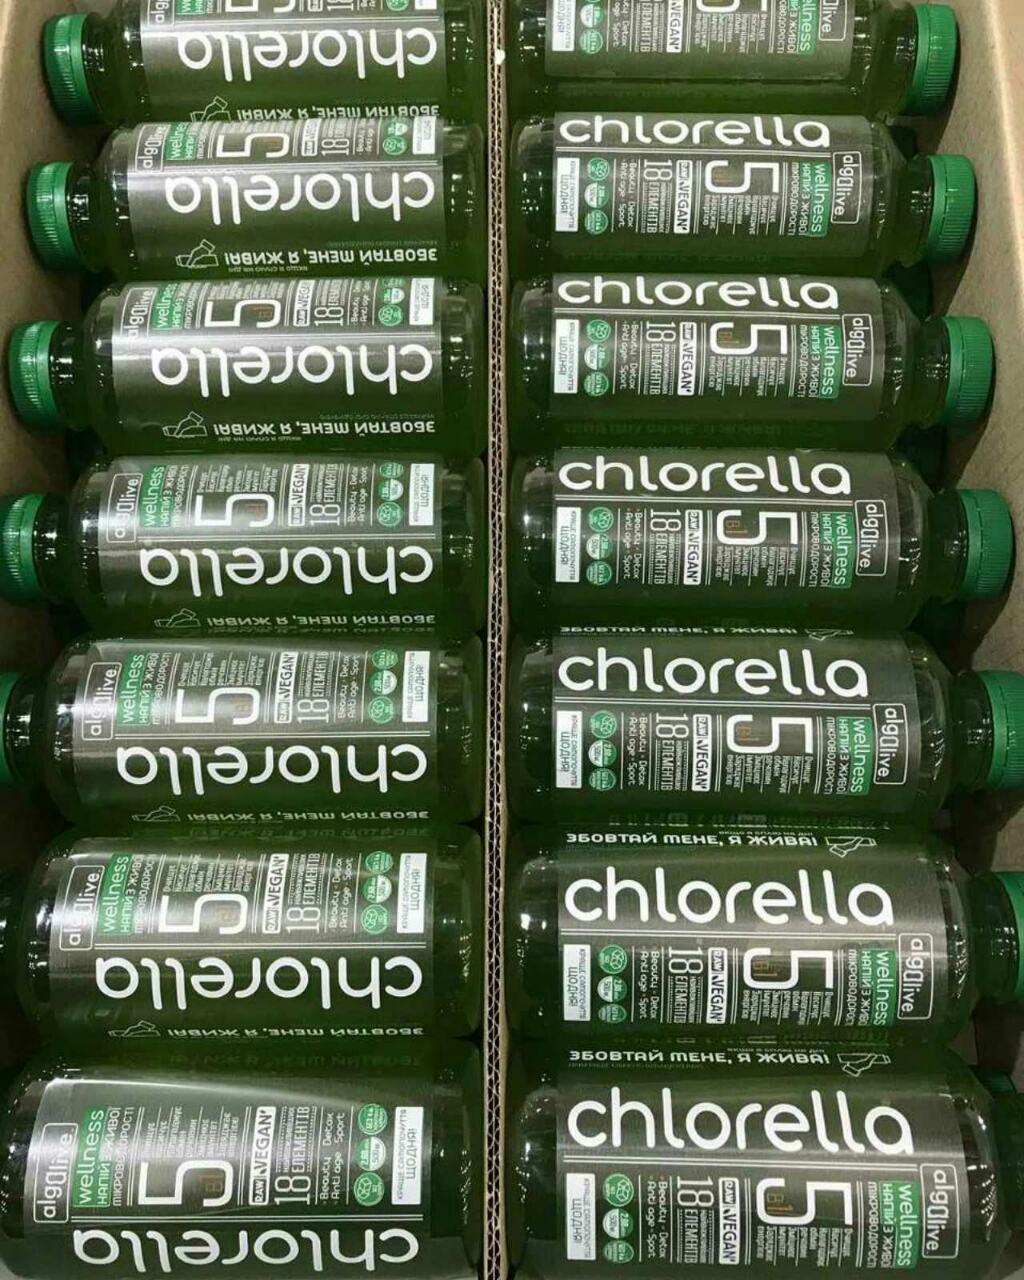 купити хлорелу